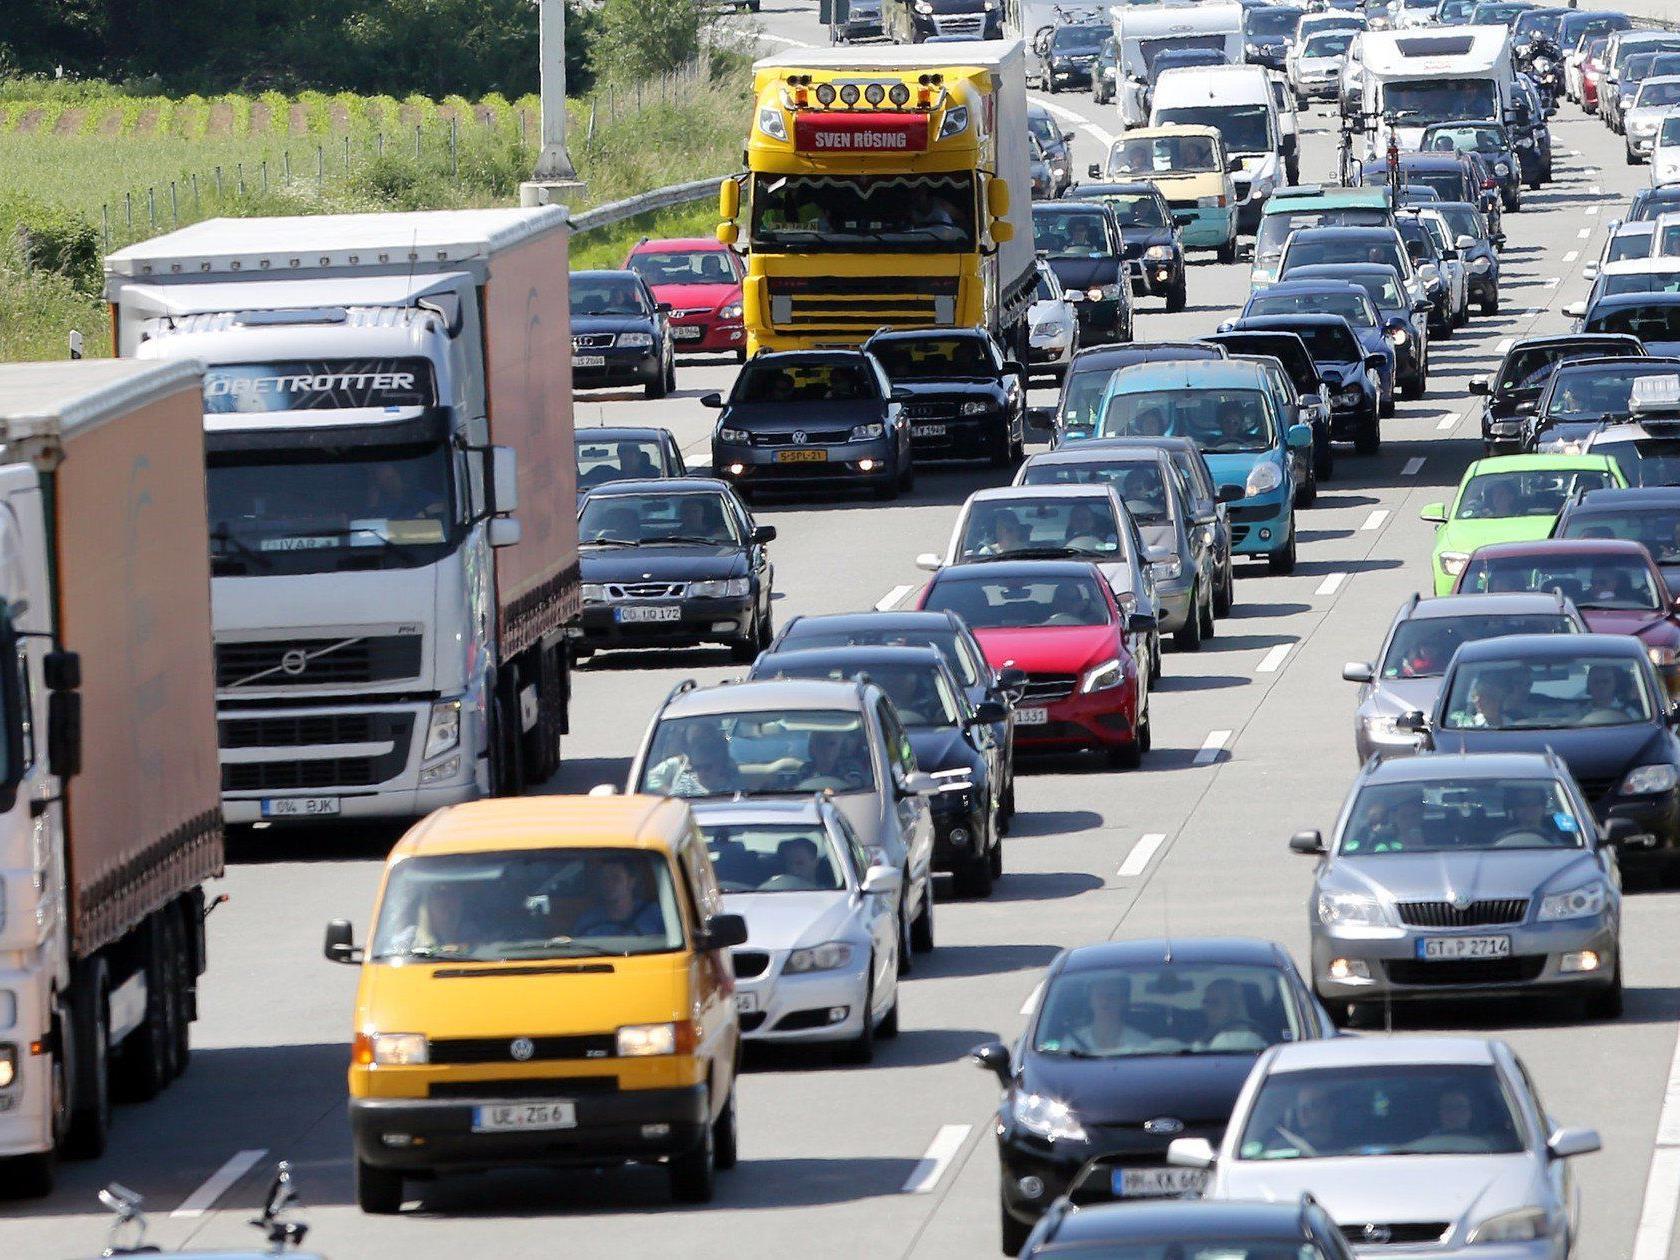 Verkehrsexperten warnen vor Staus und langen Wartezeiten bei der Anreise zum Beachvolleyball Grand Slam in Klagenfurt.